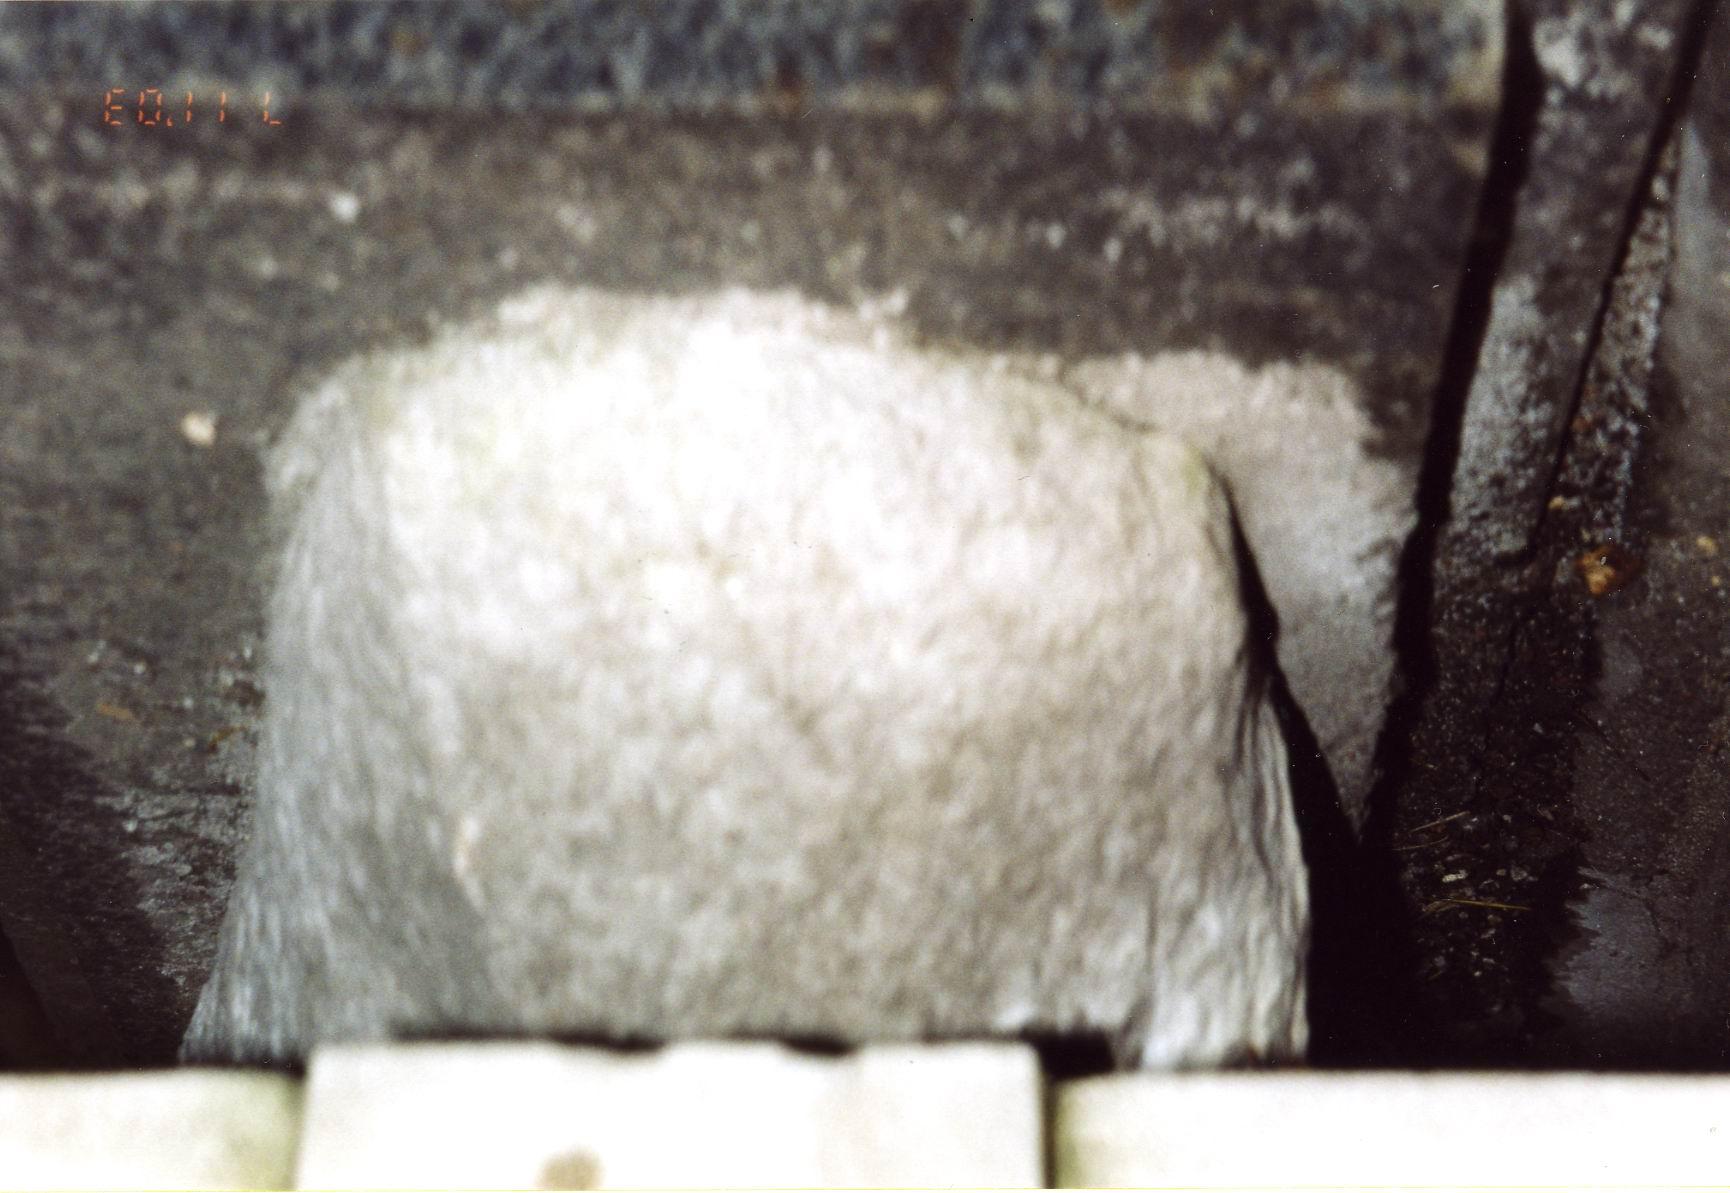 Ножка саркофага. Северная сторона. Видны углубления и впадины из-за выкрашивания. Фото ноября 2003 г.